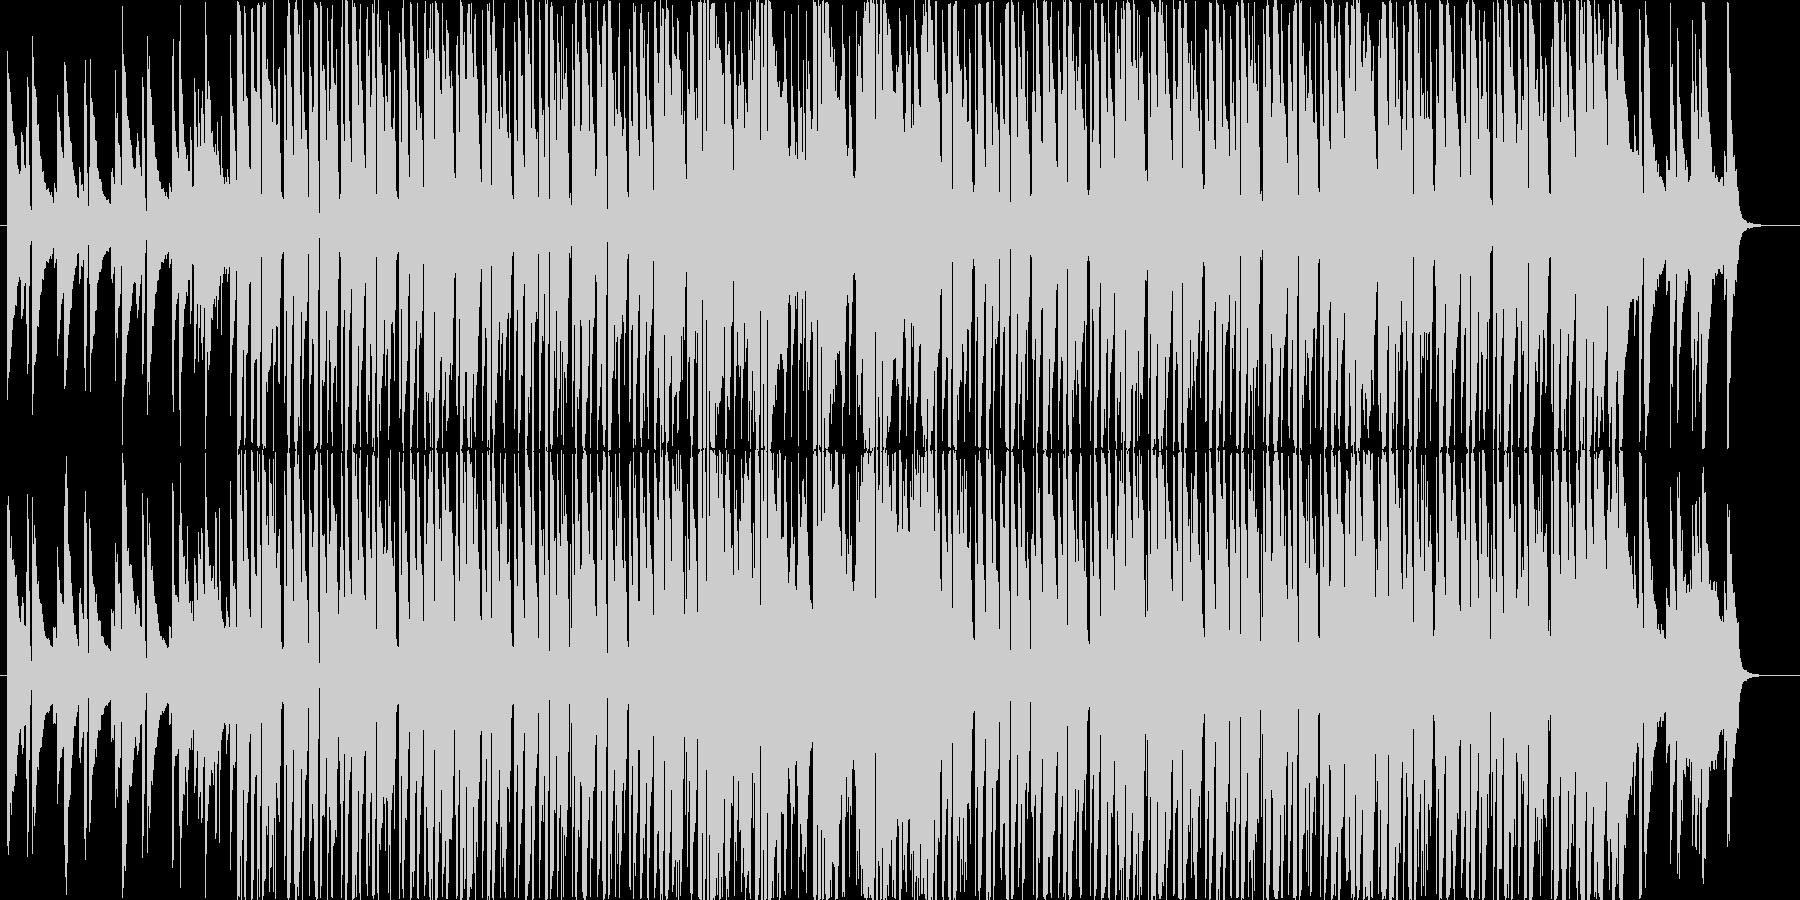 クラブ+ジャズピアノのお洒落な曲の未再生の波形